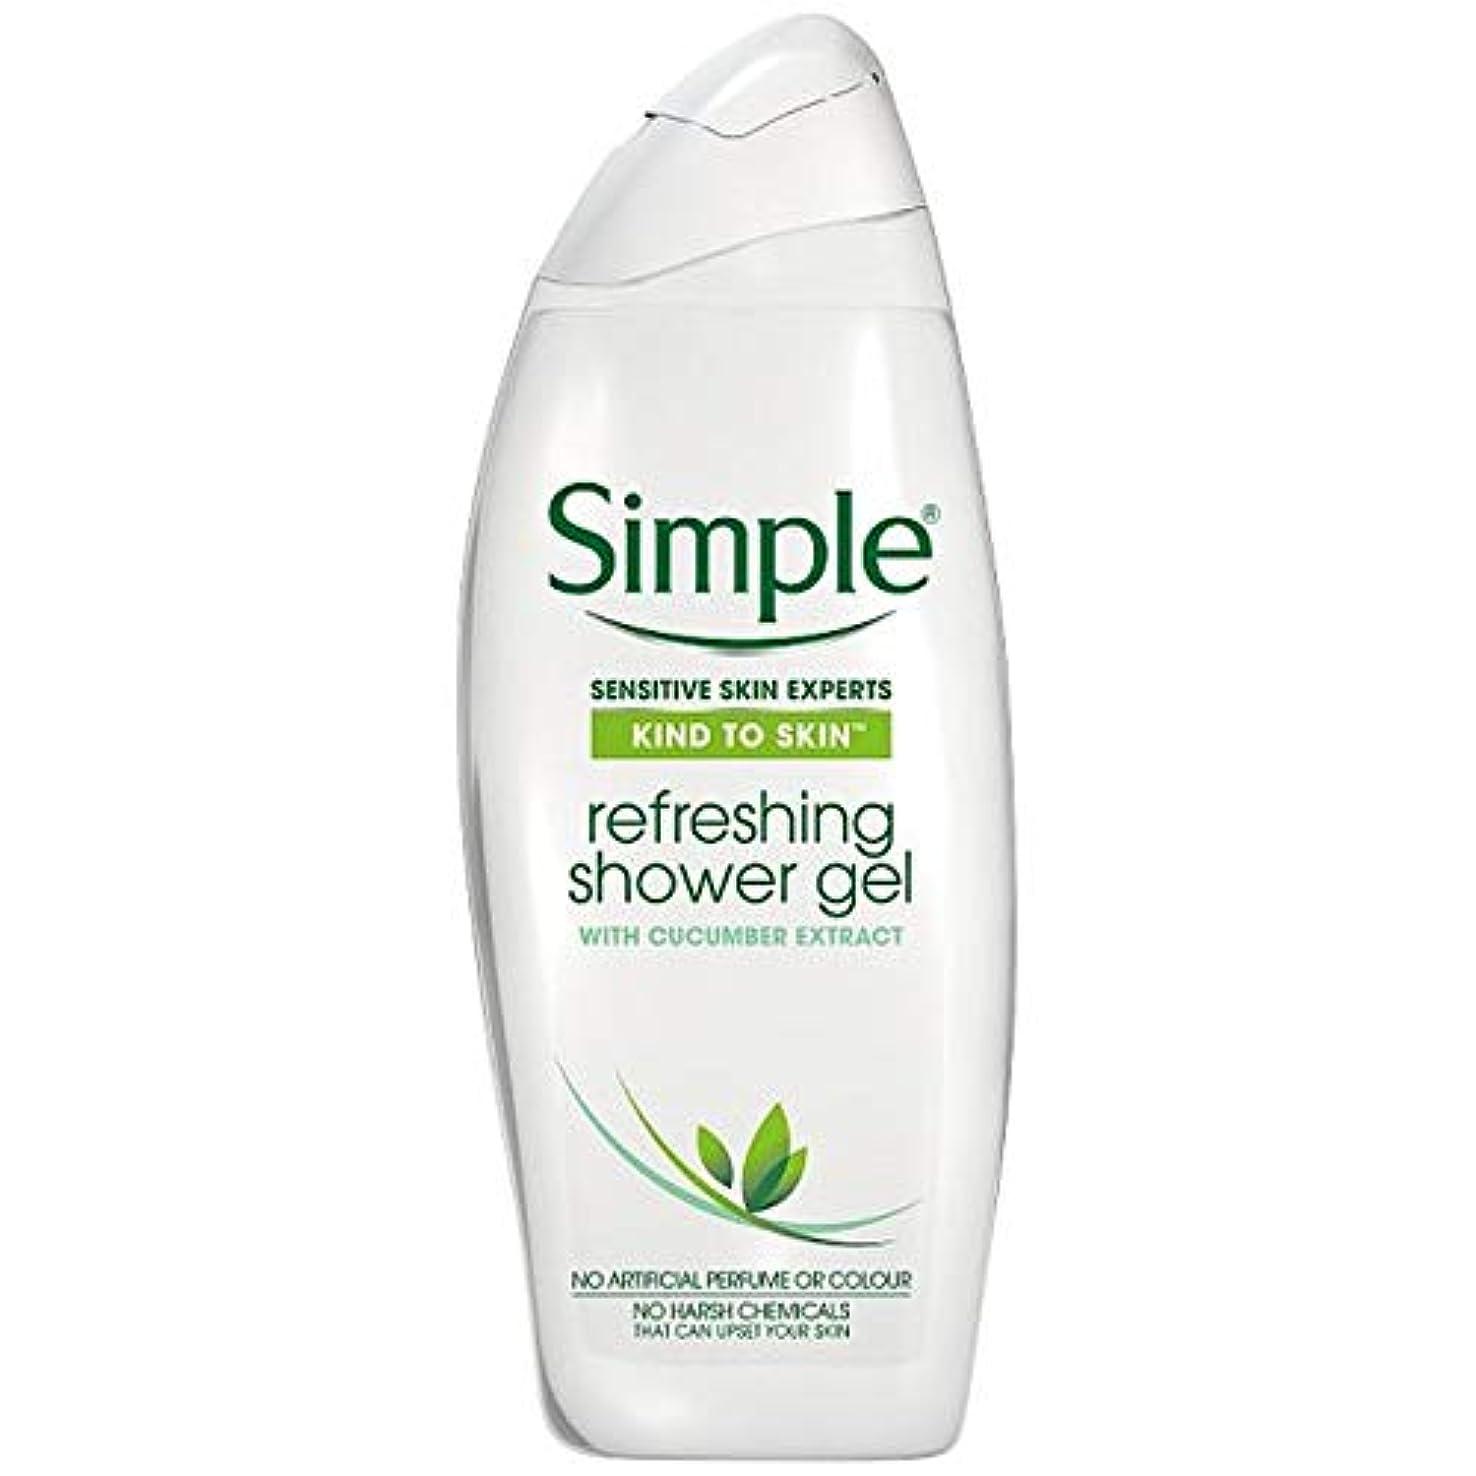 ネコかかわらずジャケット[Simple] 皮膚さわやかなシャワージェル500ミリリットルに、単純な種類 - Simple Kind To Skin Refreshing Shower Gel 500Ml [並行輸入品]